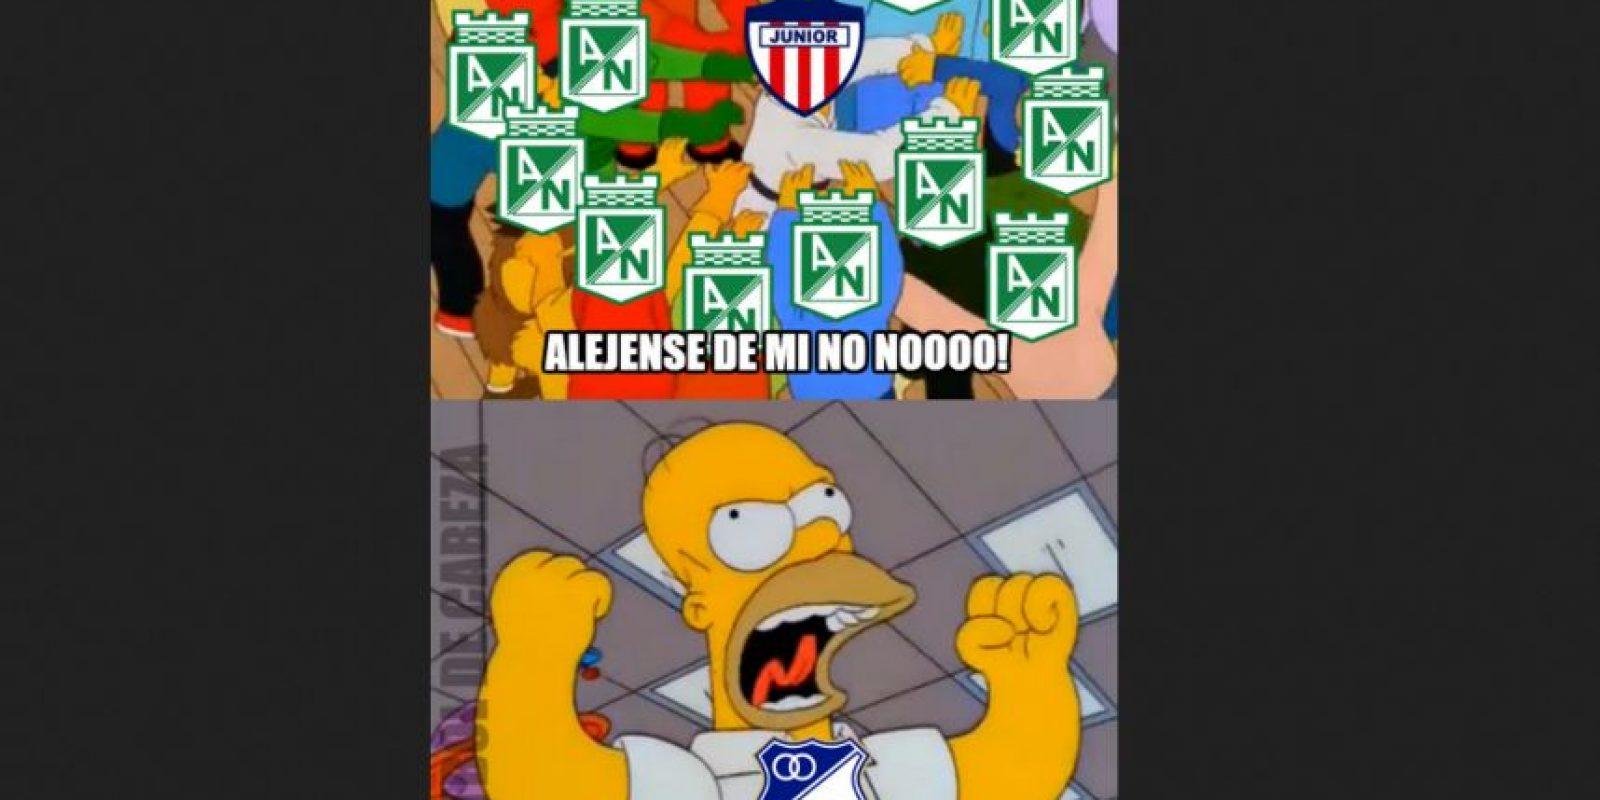 Foto:Tomado del Facebook Fútbol de Cabeza